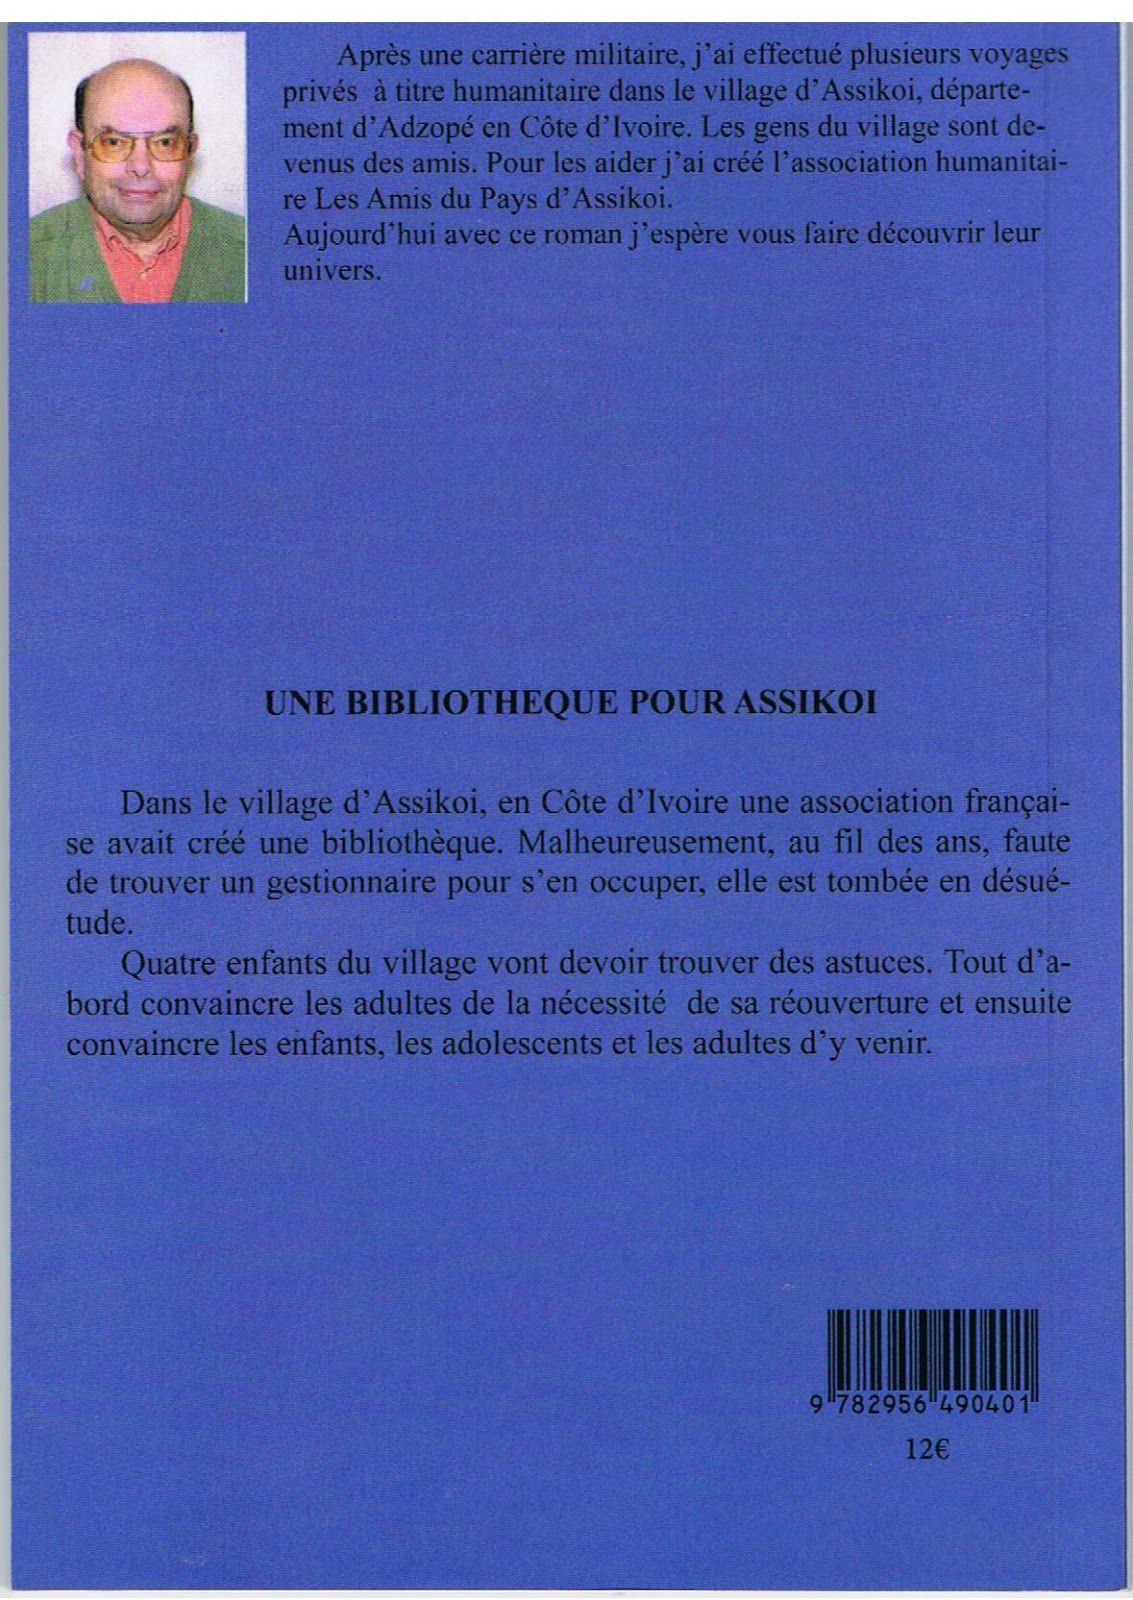 Une Bibliothèque pour Assikoi de Robert Mondange